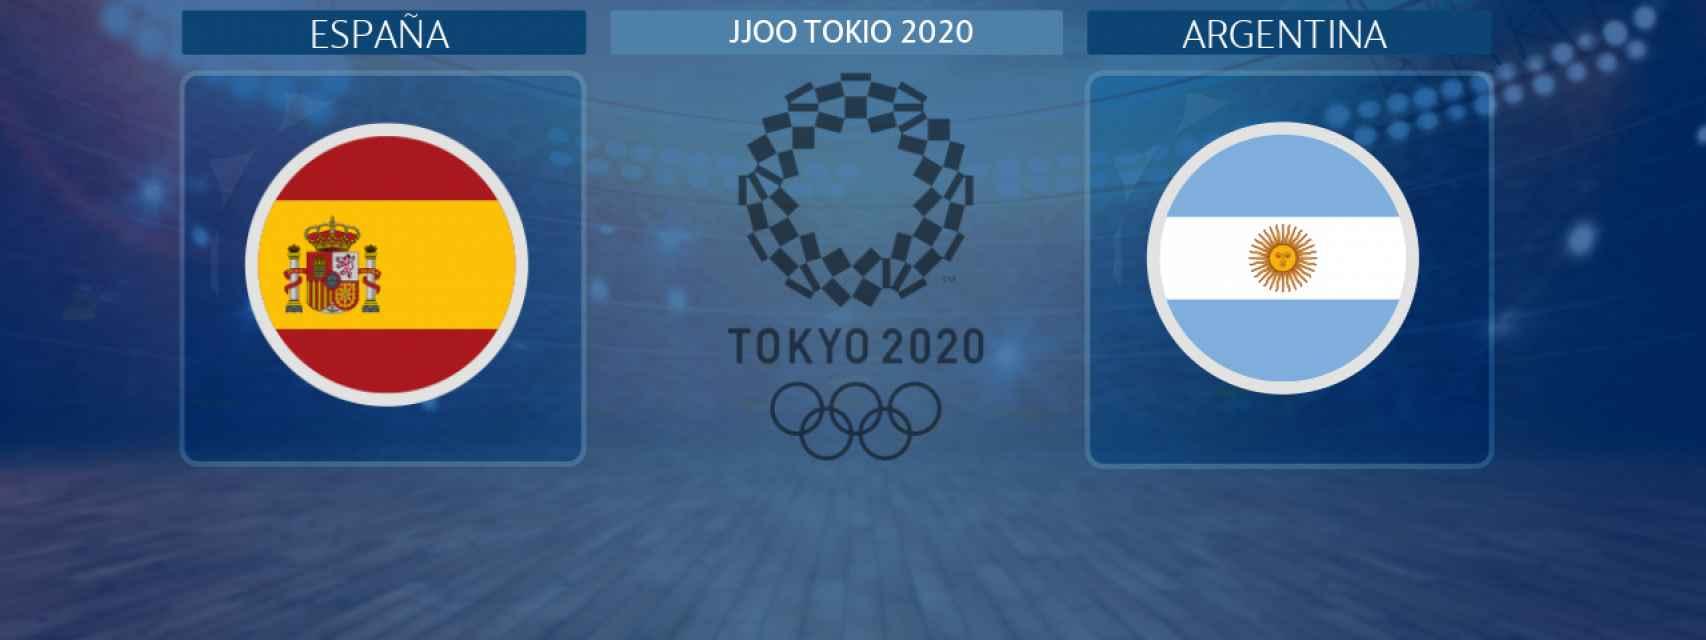 España - Argentina, partido de baloncesto masculino de los JJOO Tokio 2020